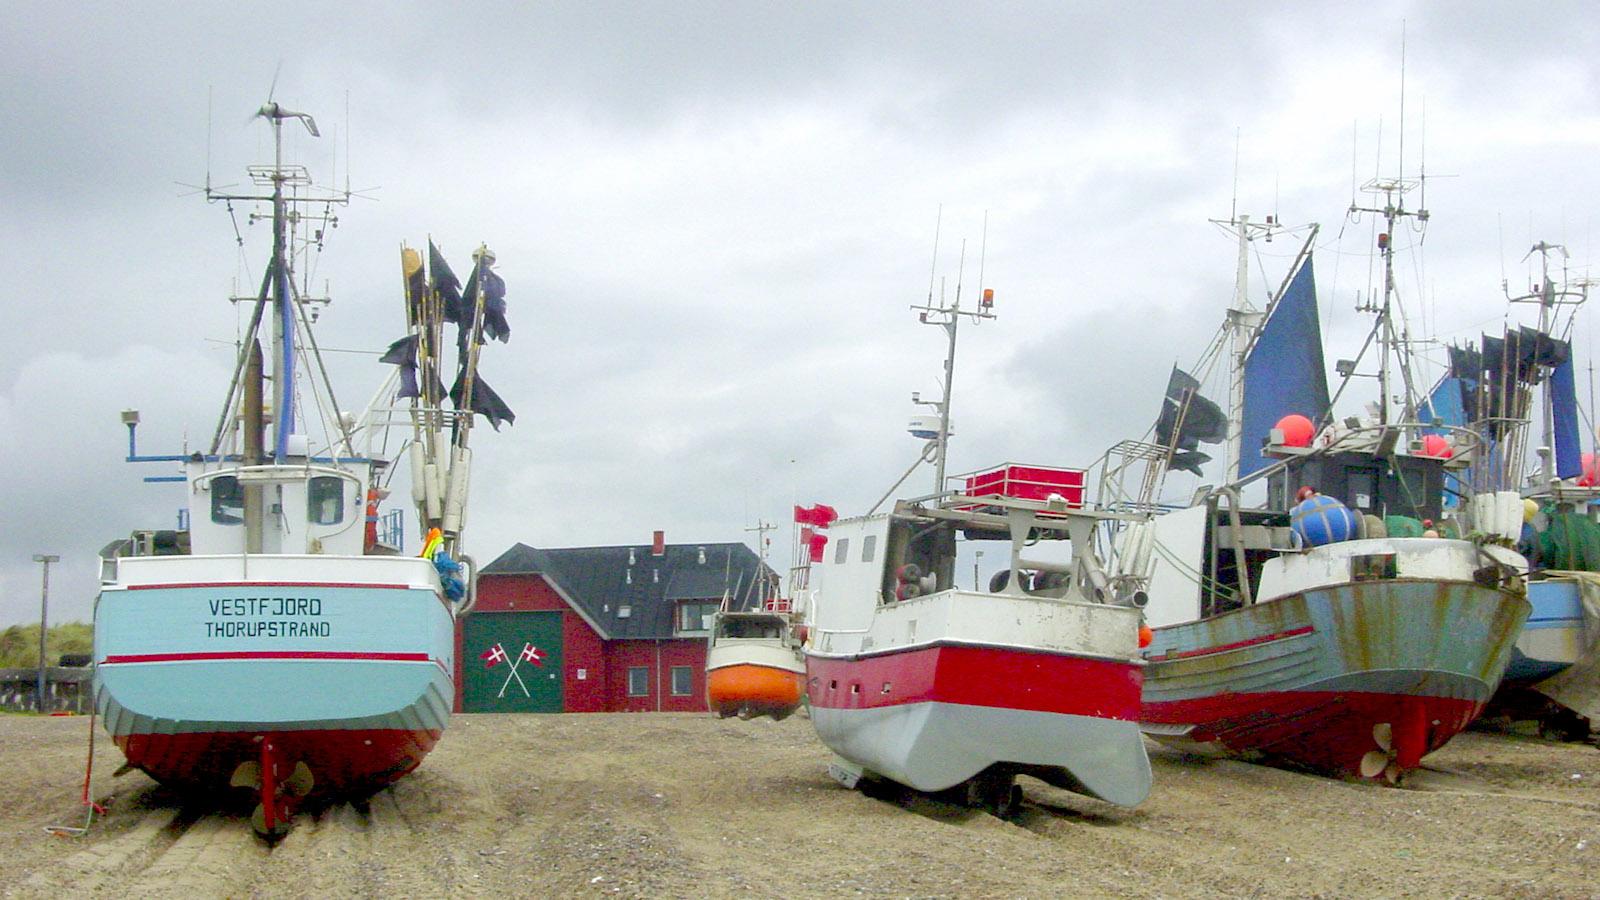 Thorup auf Thy mit seinen Strandfischern, Foto: Hilke Maunder